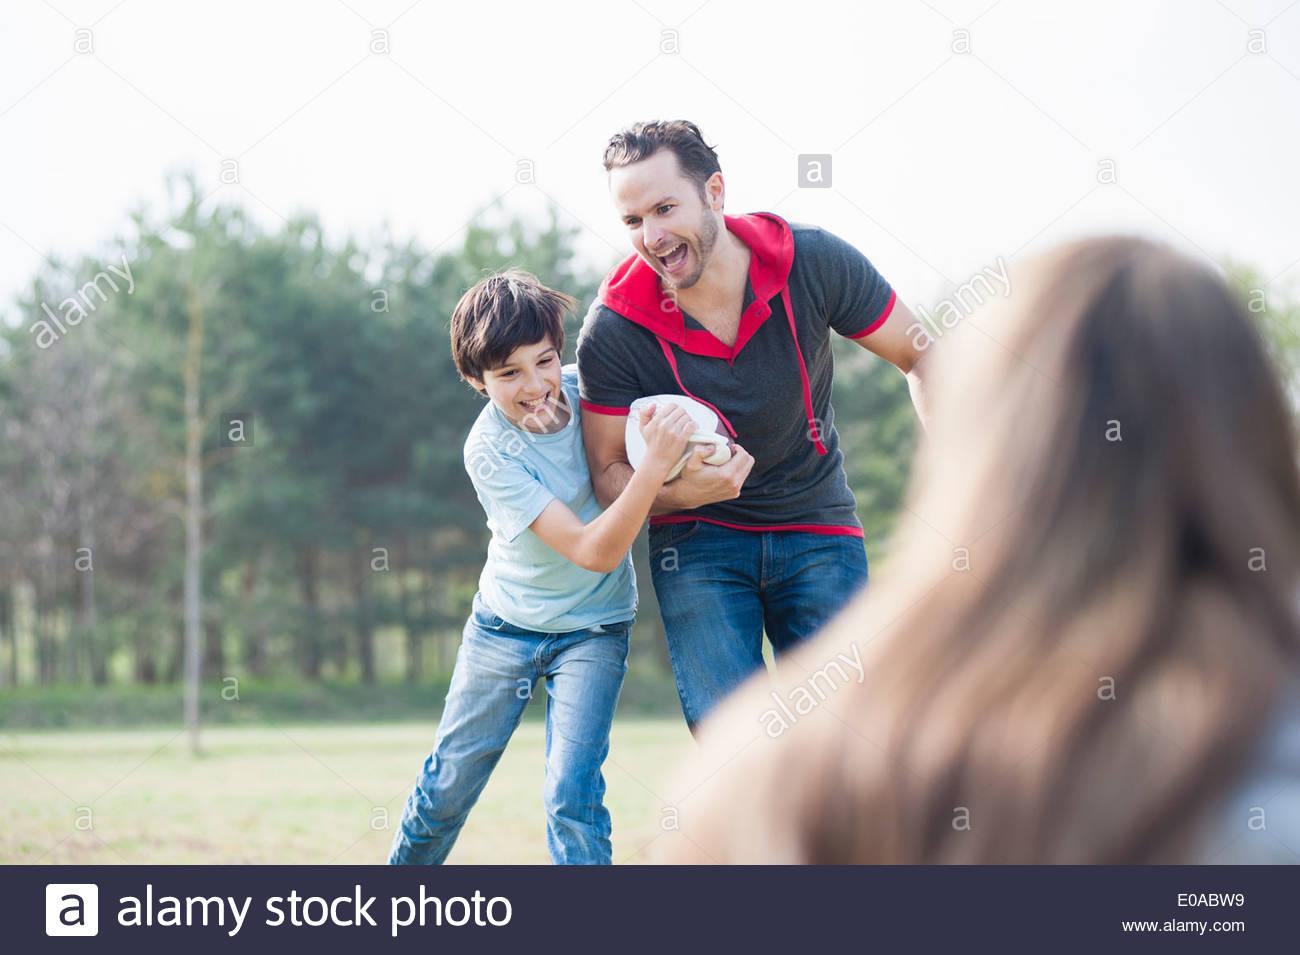 Père et fils rugby pratiquant s'attaquer dans park Photo Stock